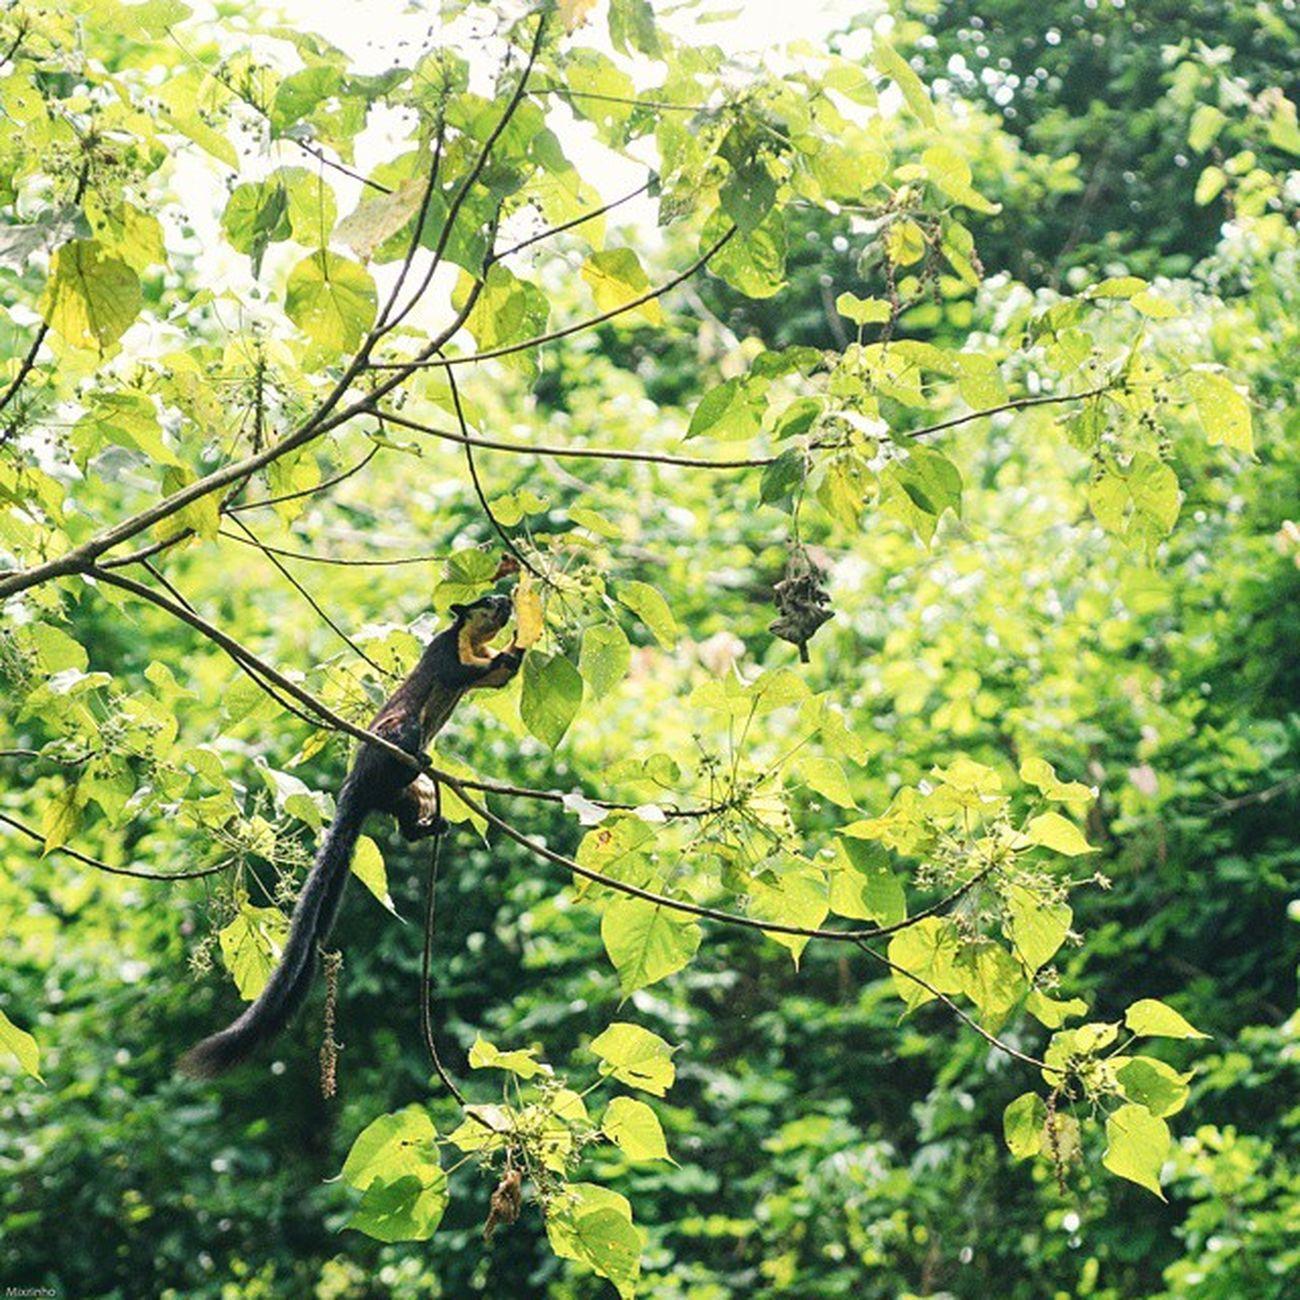 พญากระรอกดำใหญ่ Black giant squirrel Vscocam Wild Wildlifeplanet Wildlife Wildlifephotography Cute Animals Thailand Amzthld Igersth Nikonnofilter Nikonphotography Squirrel